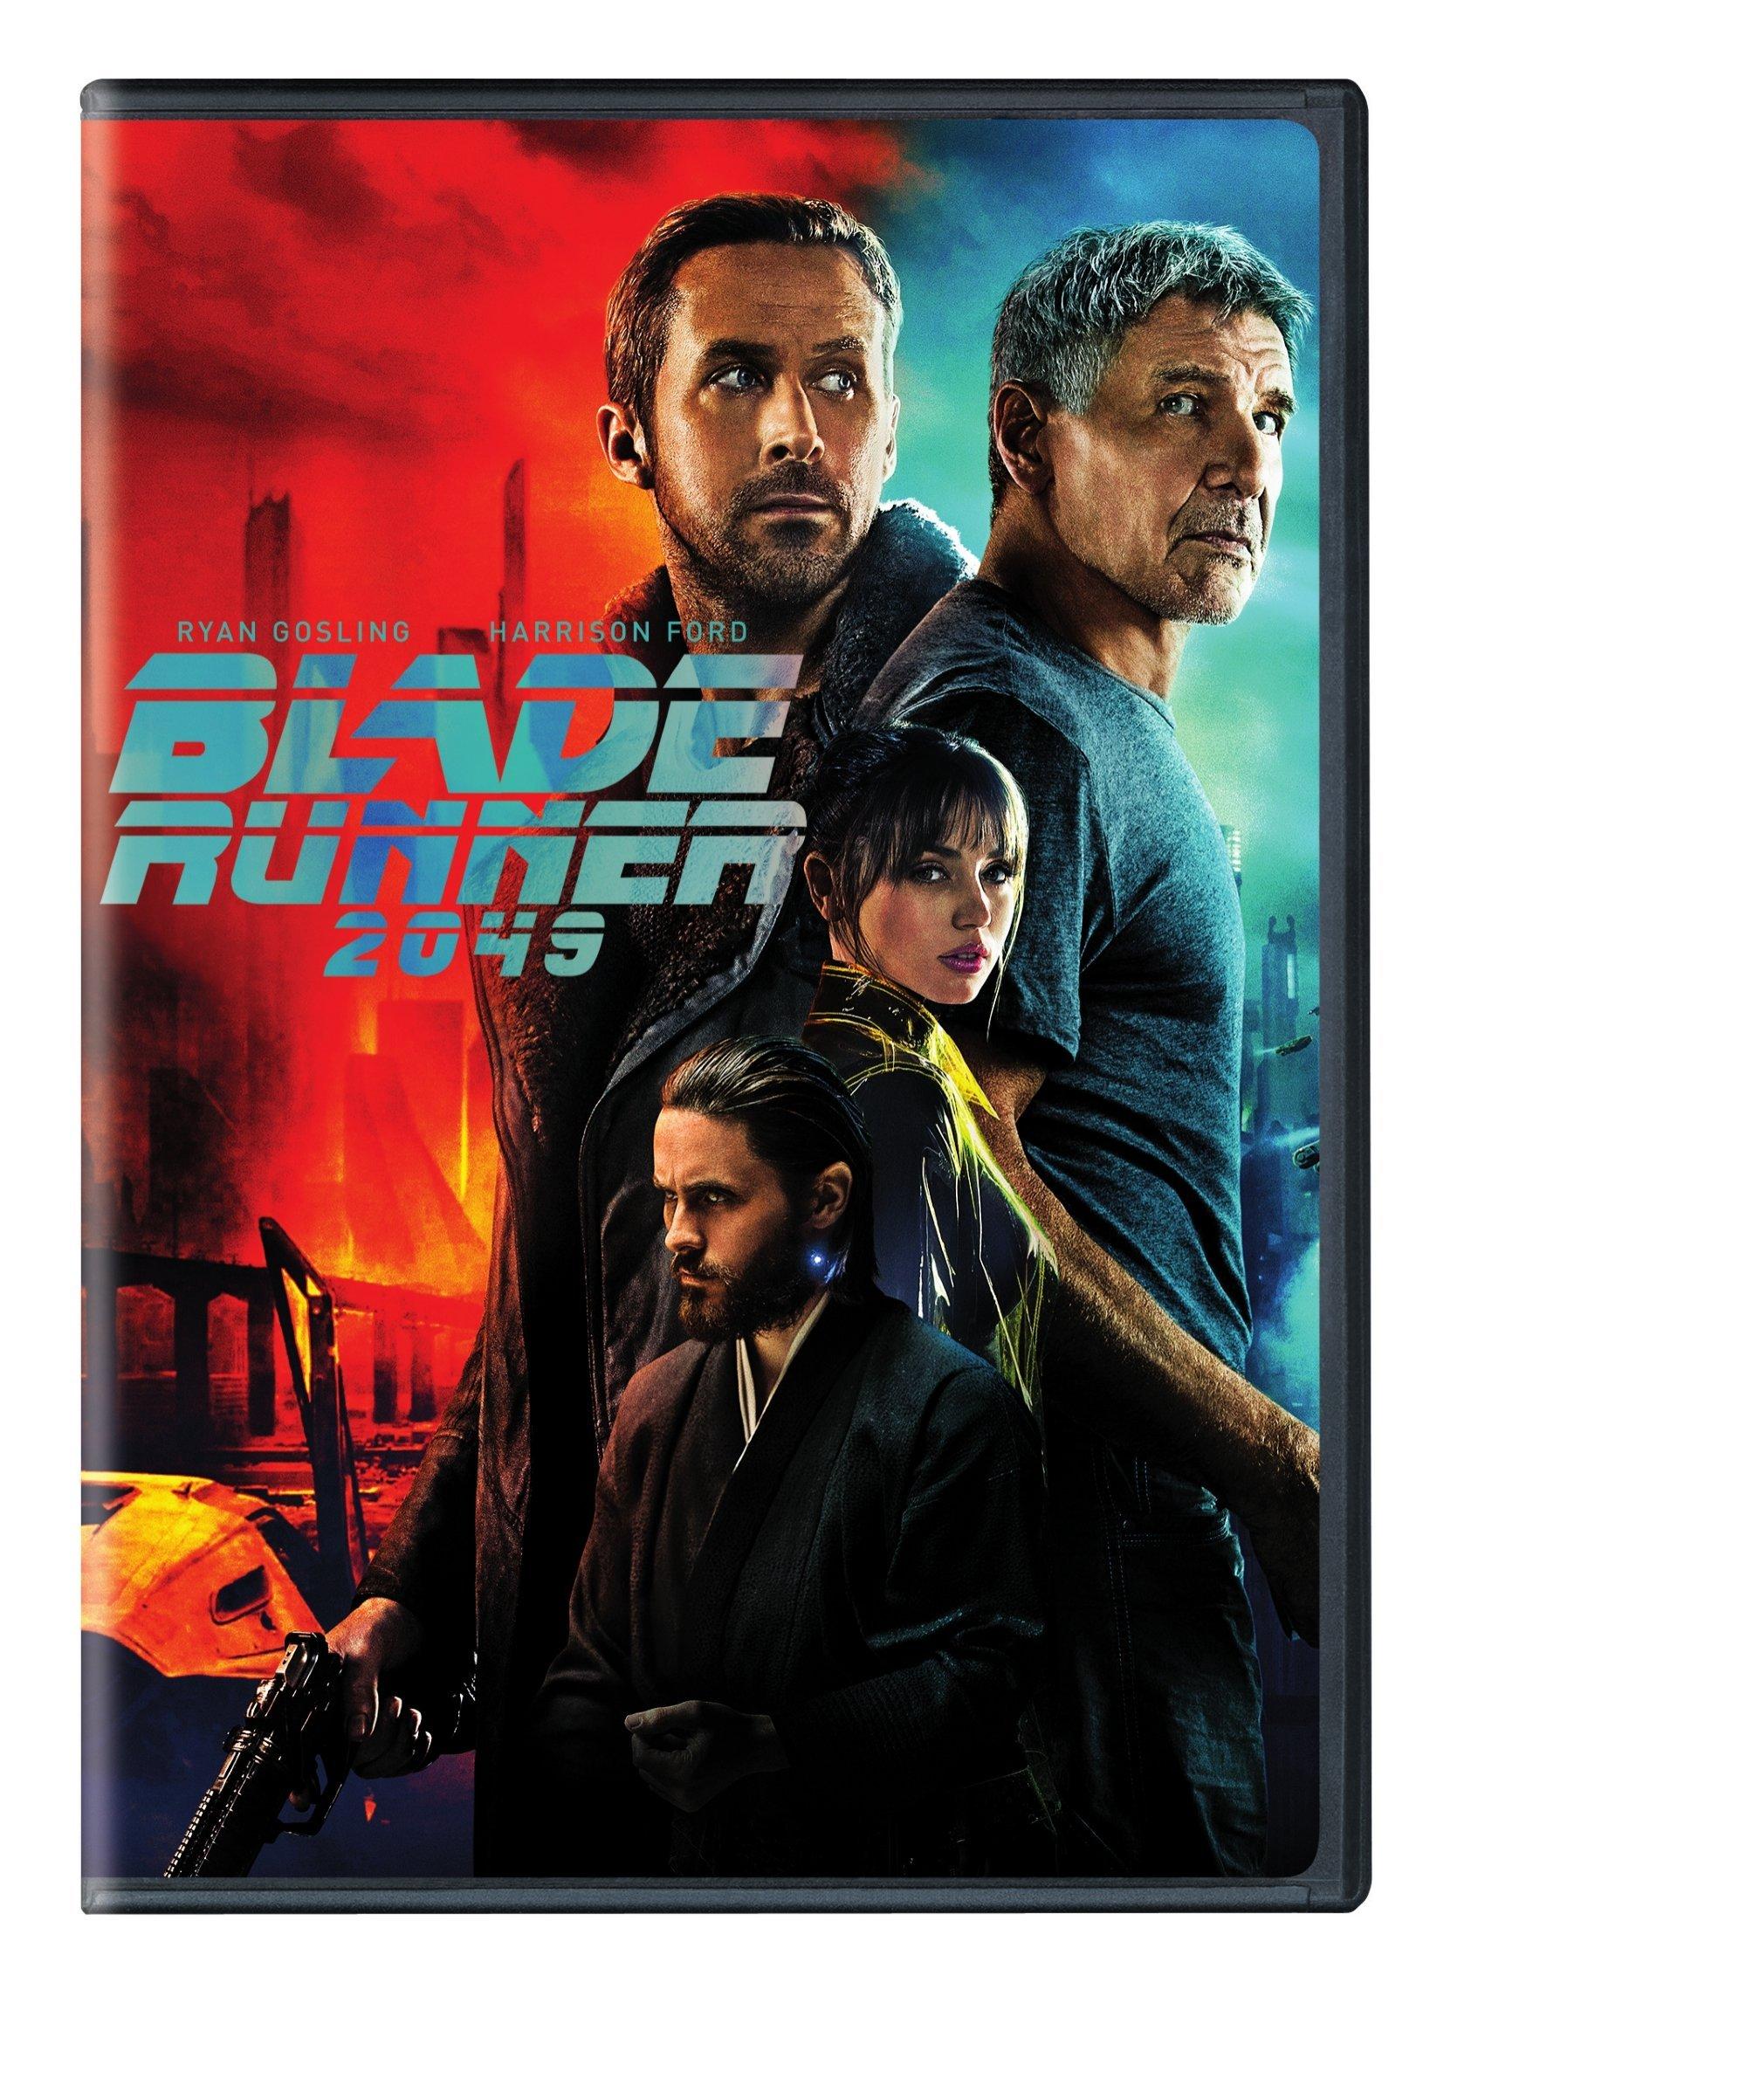 Blade Runner 2049 (DVD)